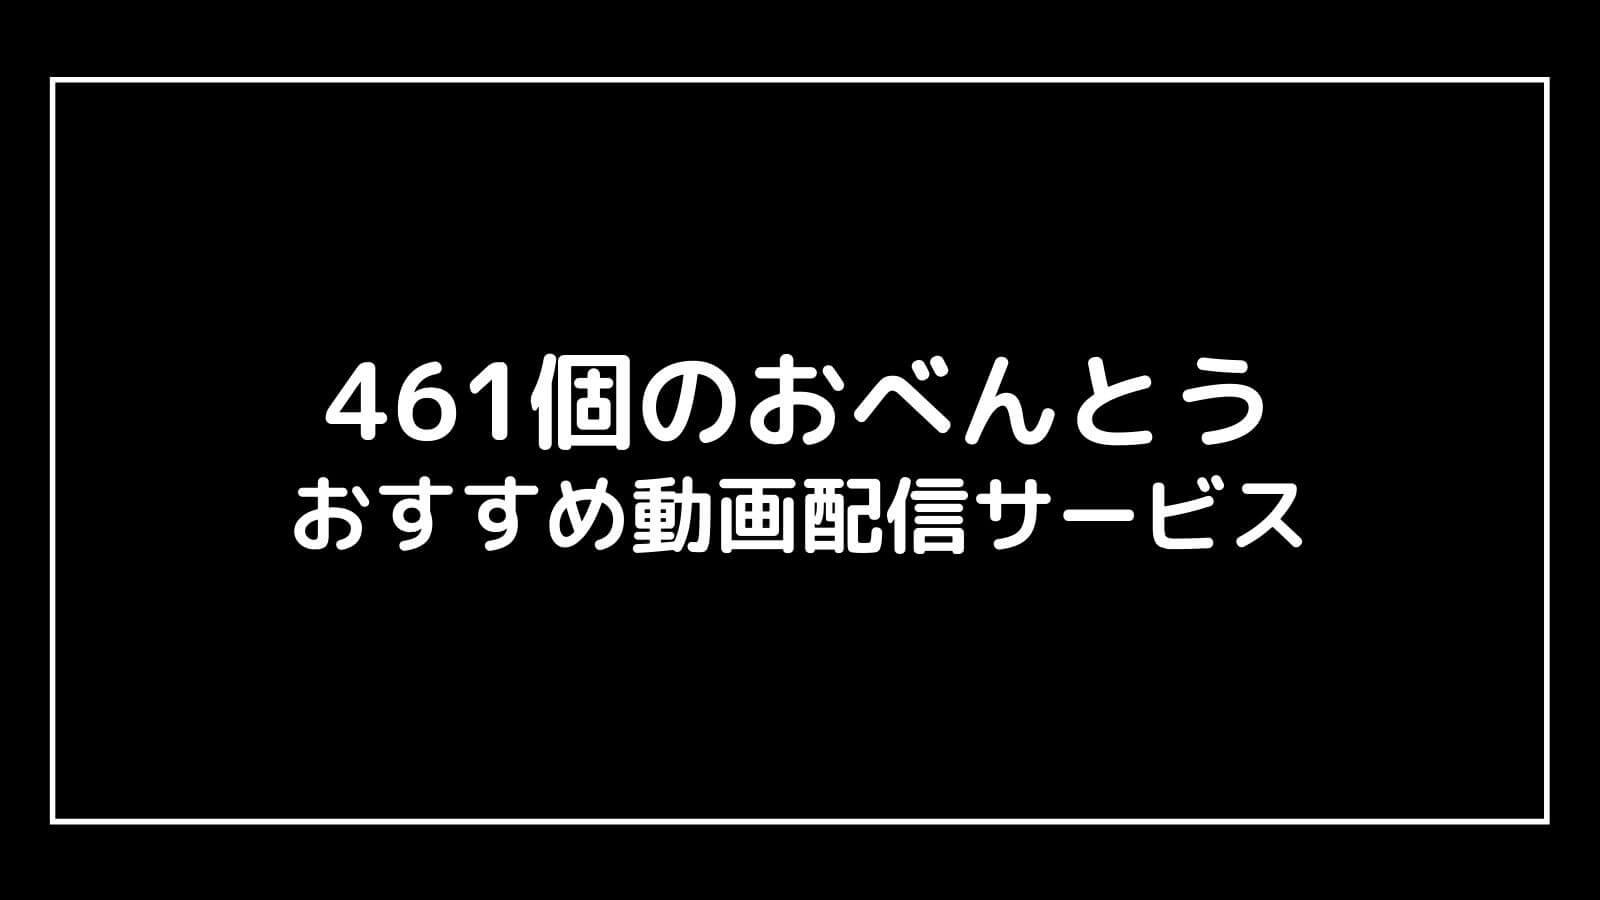 『461個のおべんとう』の映画を無料視聴できる動画配信サービス